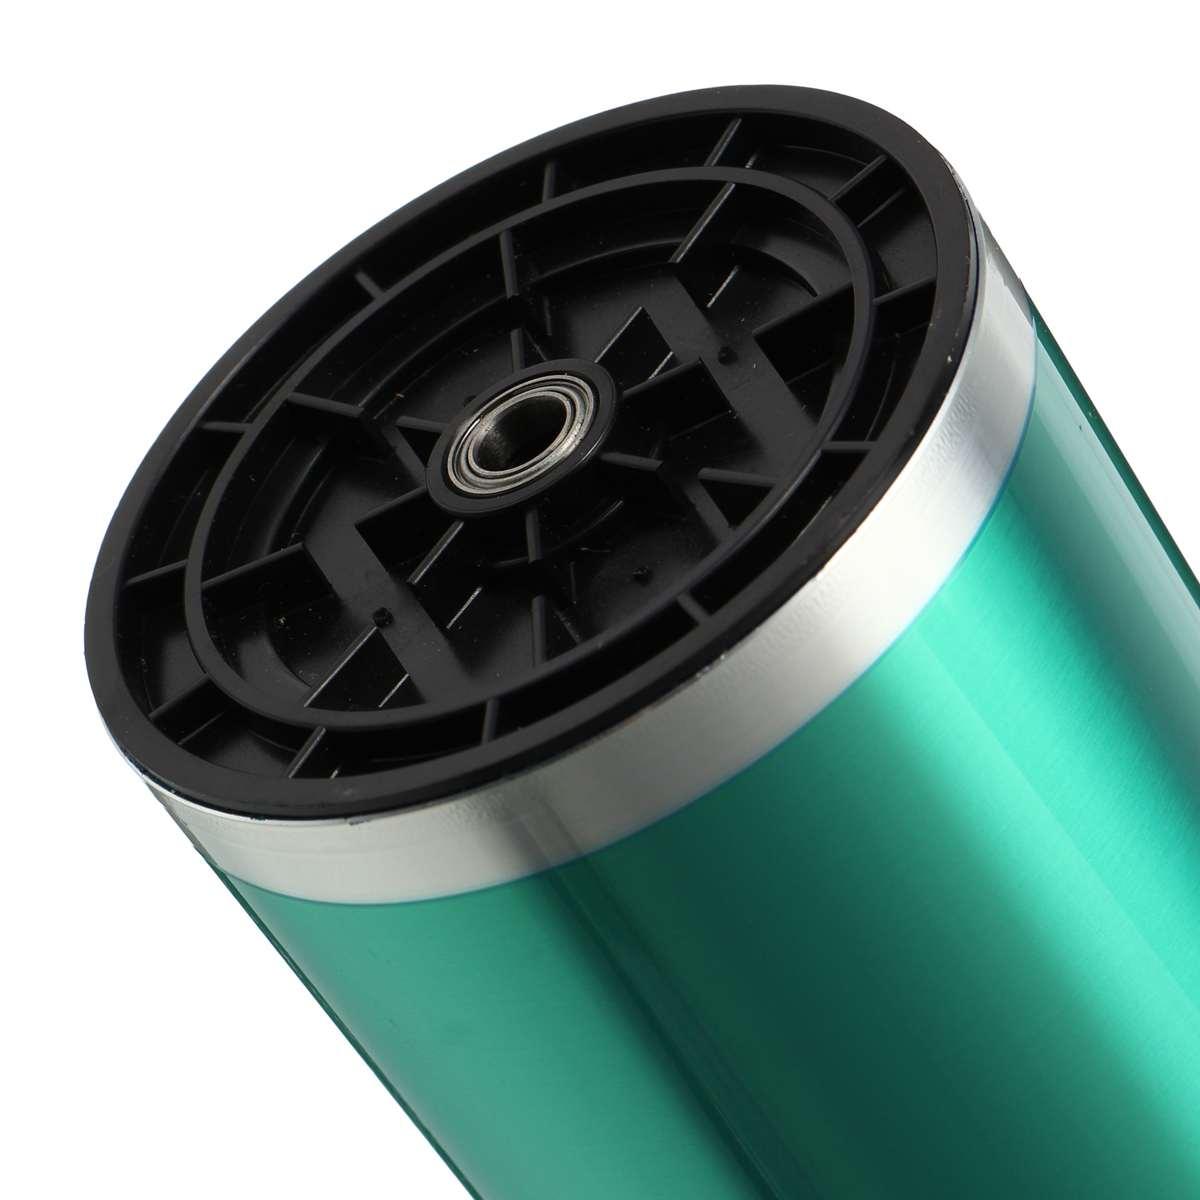 Фотобарабанное фазирующее устройство для samsung CLP-310/320/315 CLP-321 CLP-325 CLP-326 CLX-3175 CLX-3185 CLX-3186 CLX-3170 CLT-R409 CLT-R407 принтер Запчасти